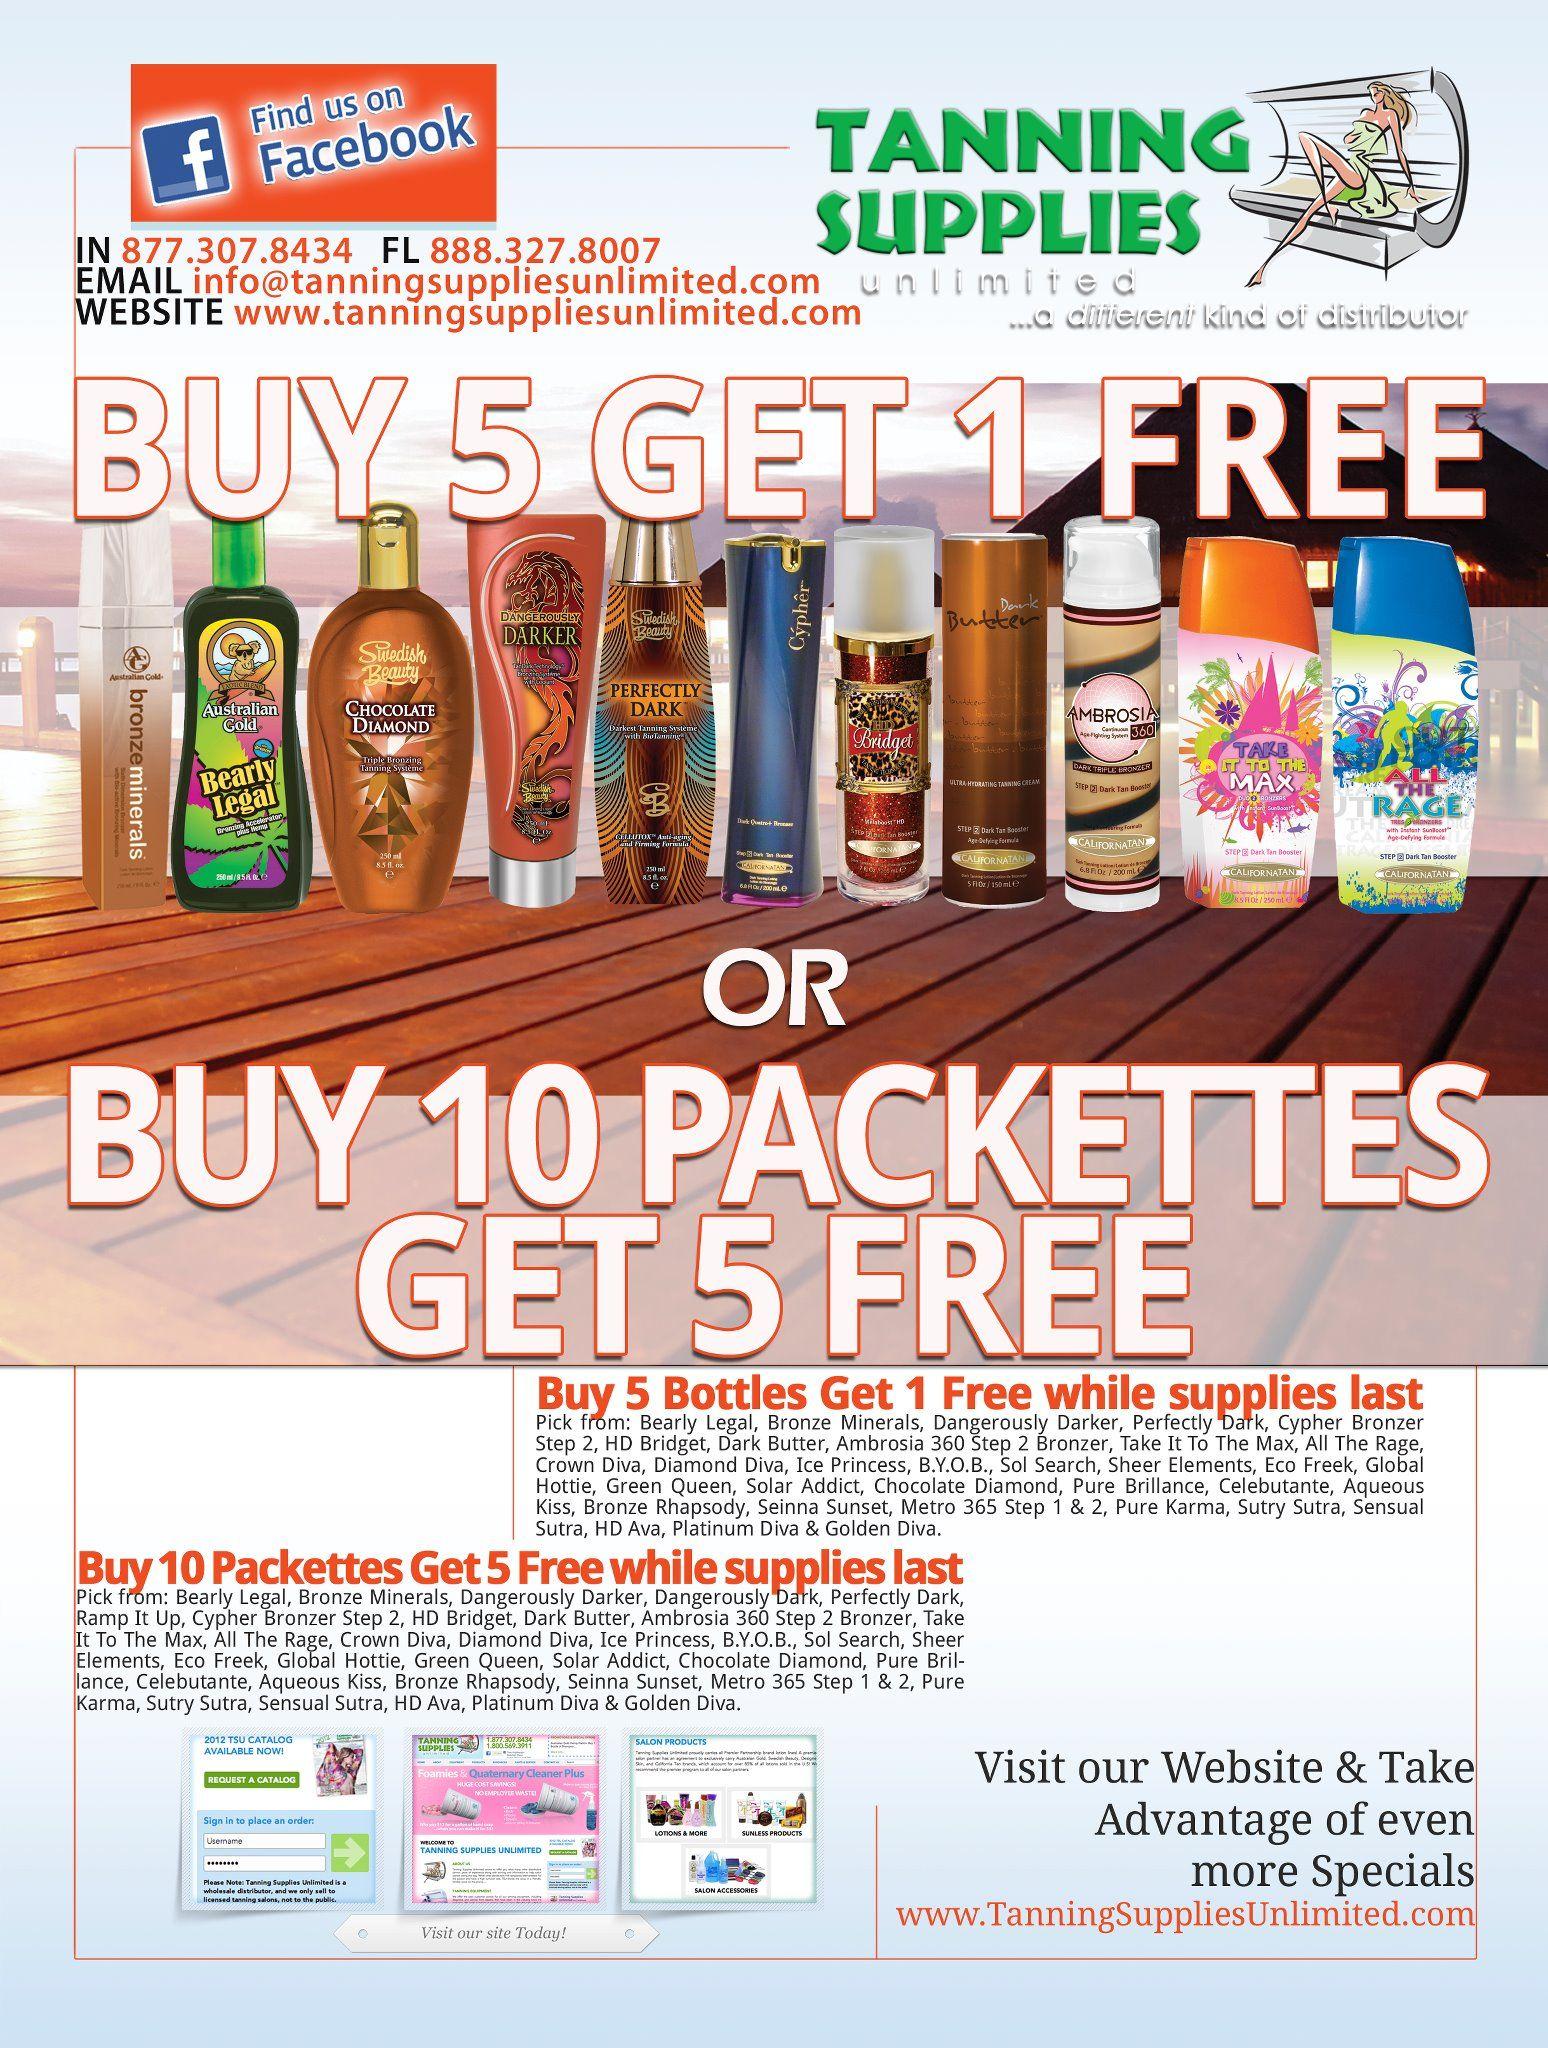 Shirt design supplies - Tanning Supplies Unlimited Magazine Ad Design